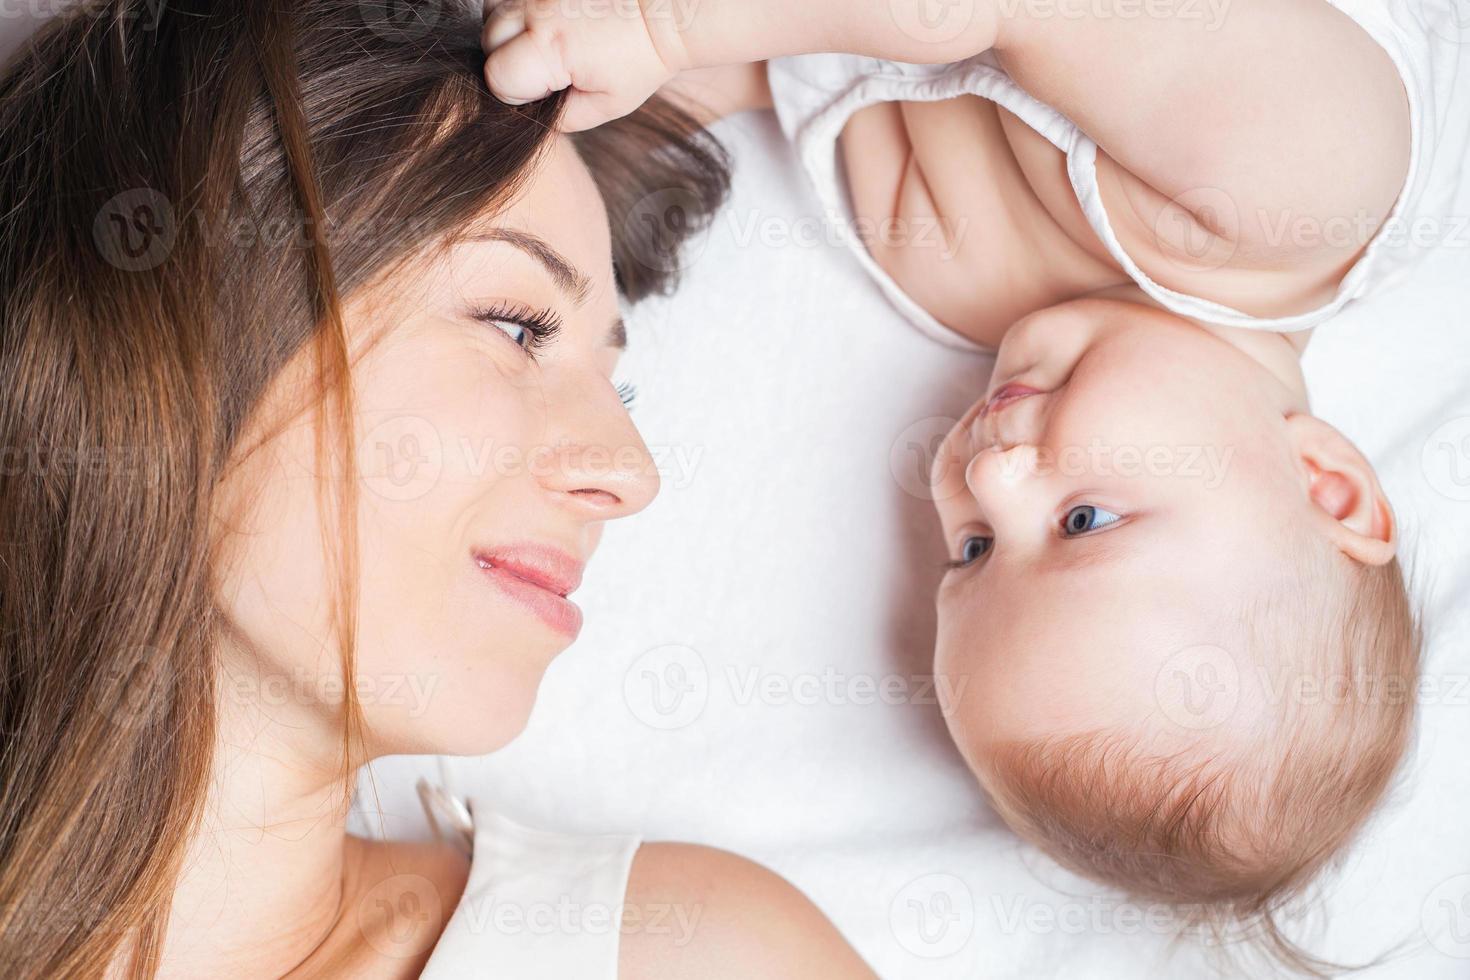 madre feliz con un bebé acostado en una cama blanca foto